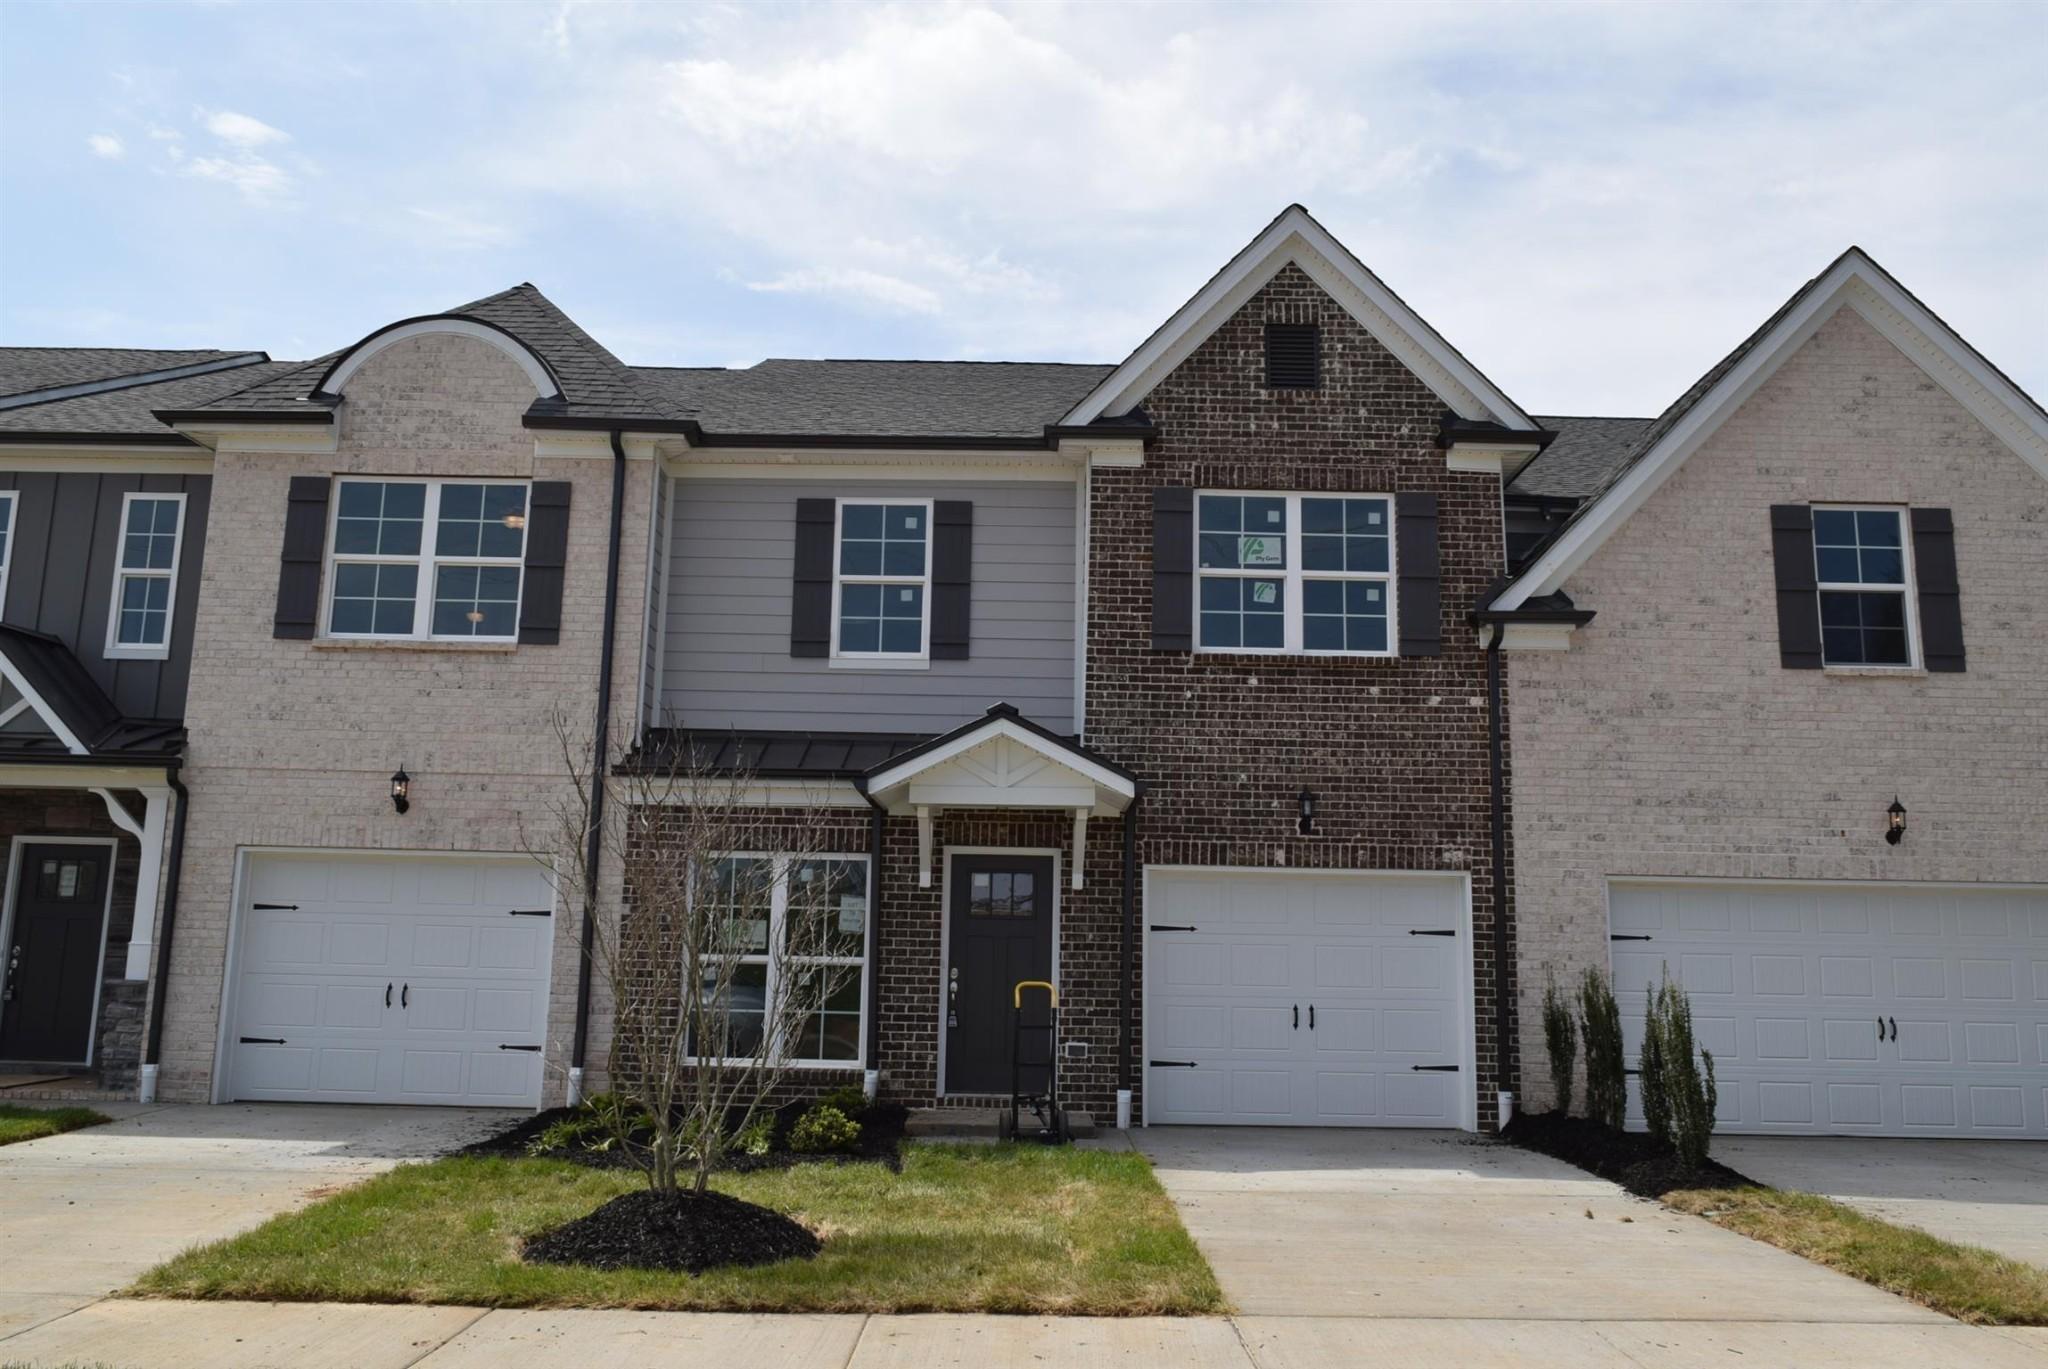 1709 Barbourville Ln, Murfreesboro, TN 37129 - Murfreesboro, TN real estate listing